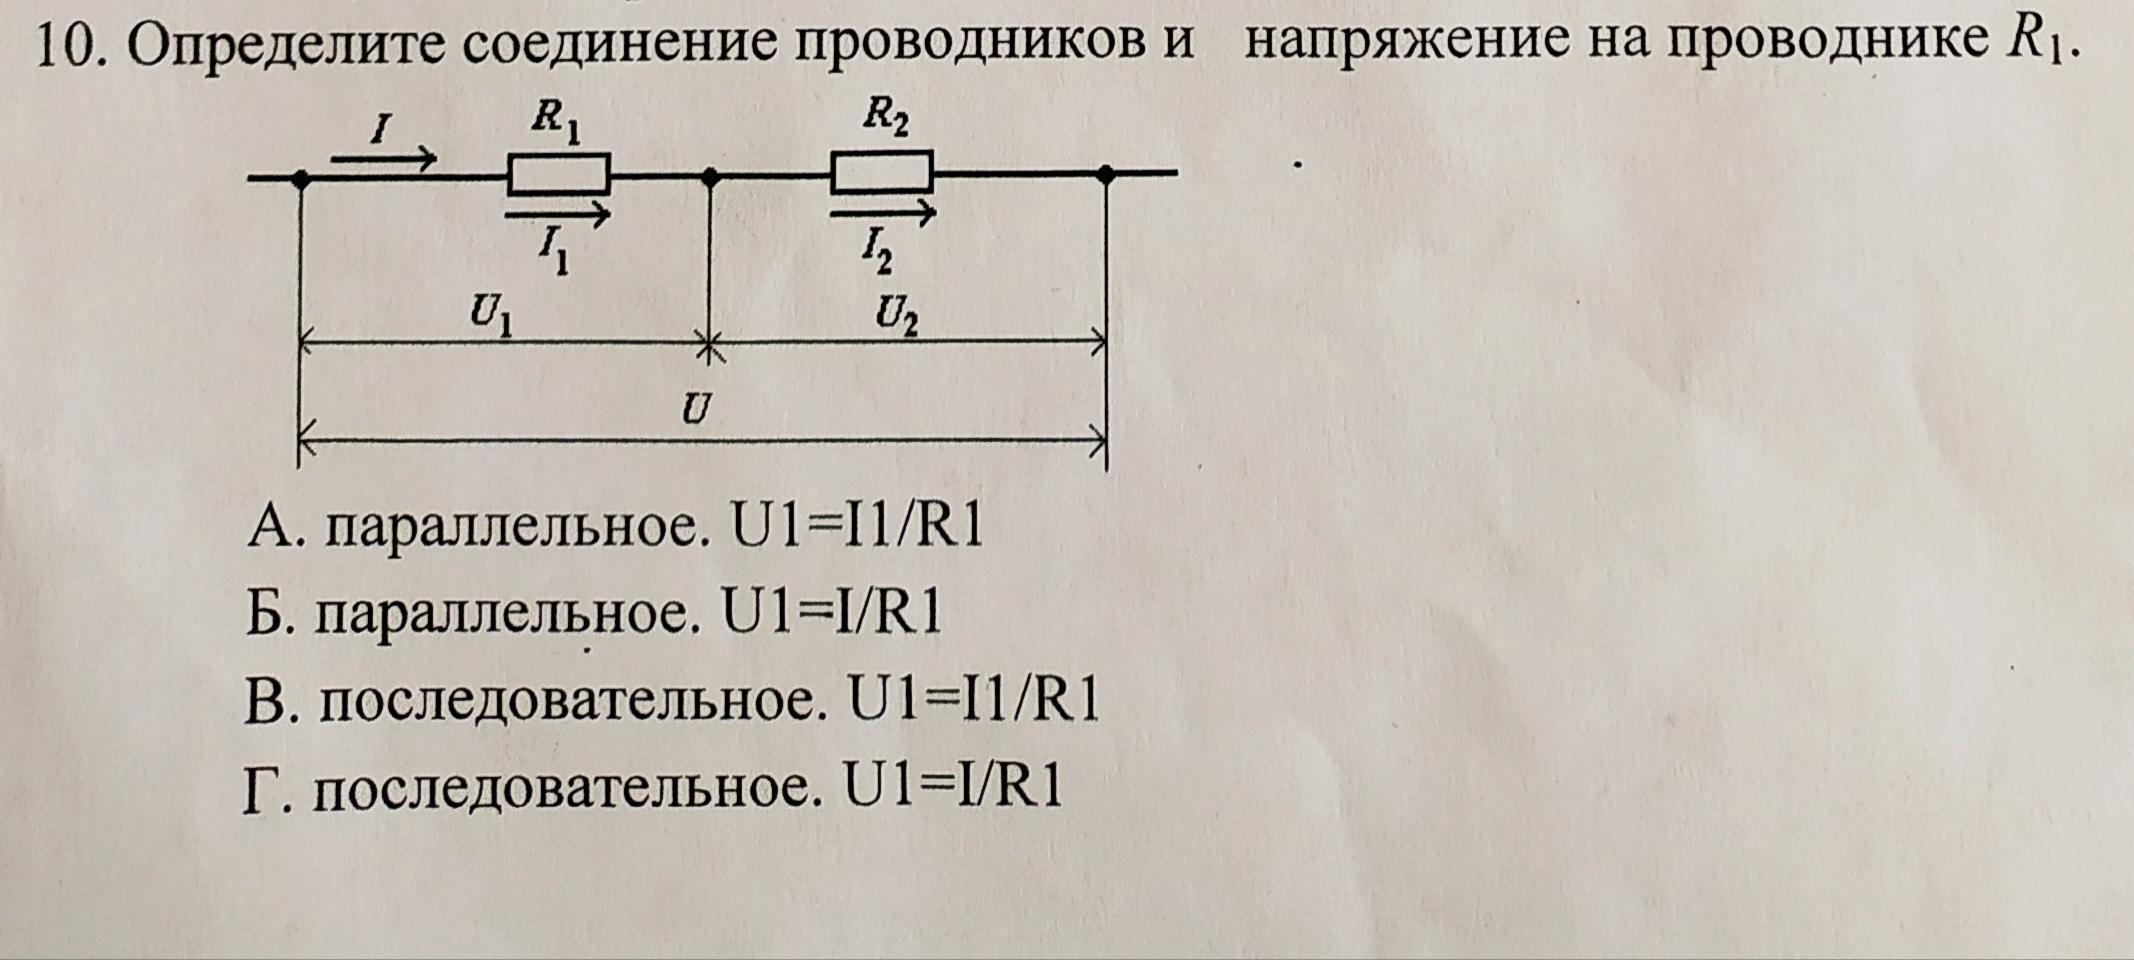 Определите соединение проводников и напряжение на